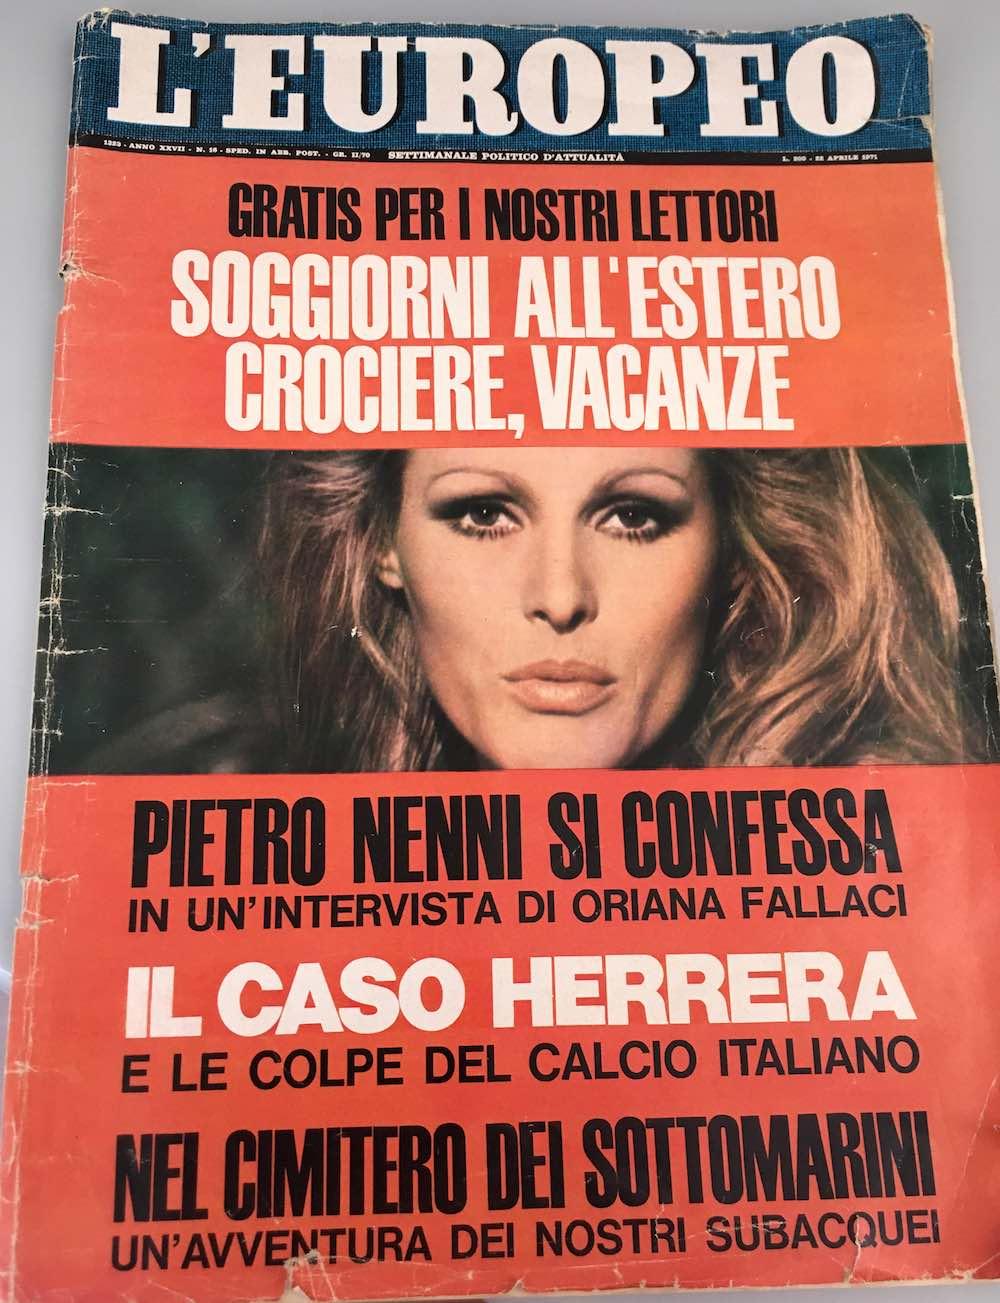 La copertina de L'Europeo con in copertina l'intervista di Oriana Fallaci a Pietro Nenni, Aprile 1971